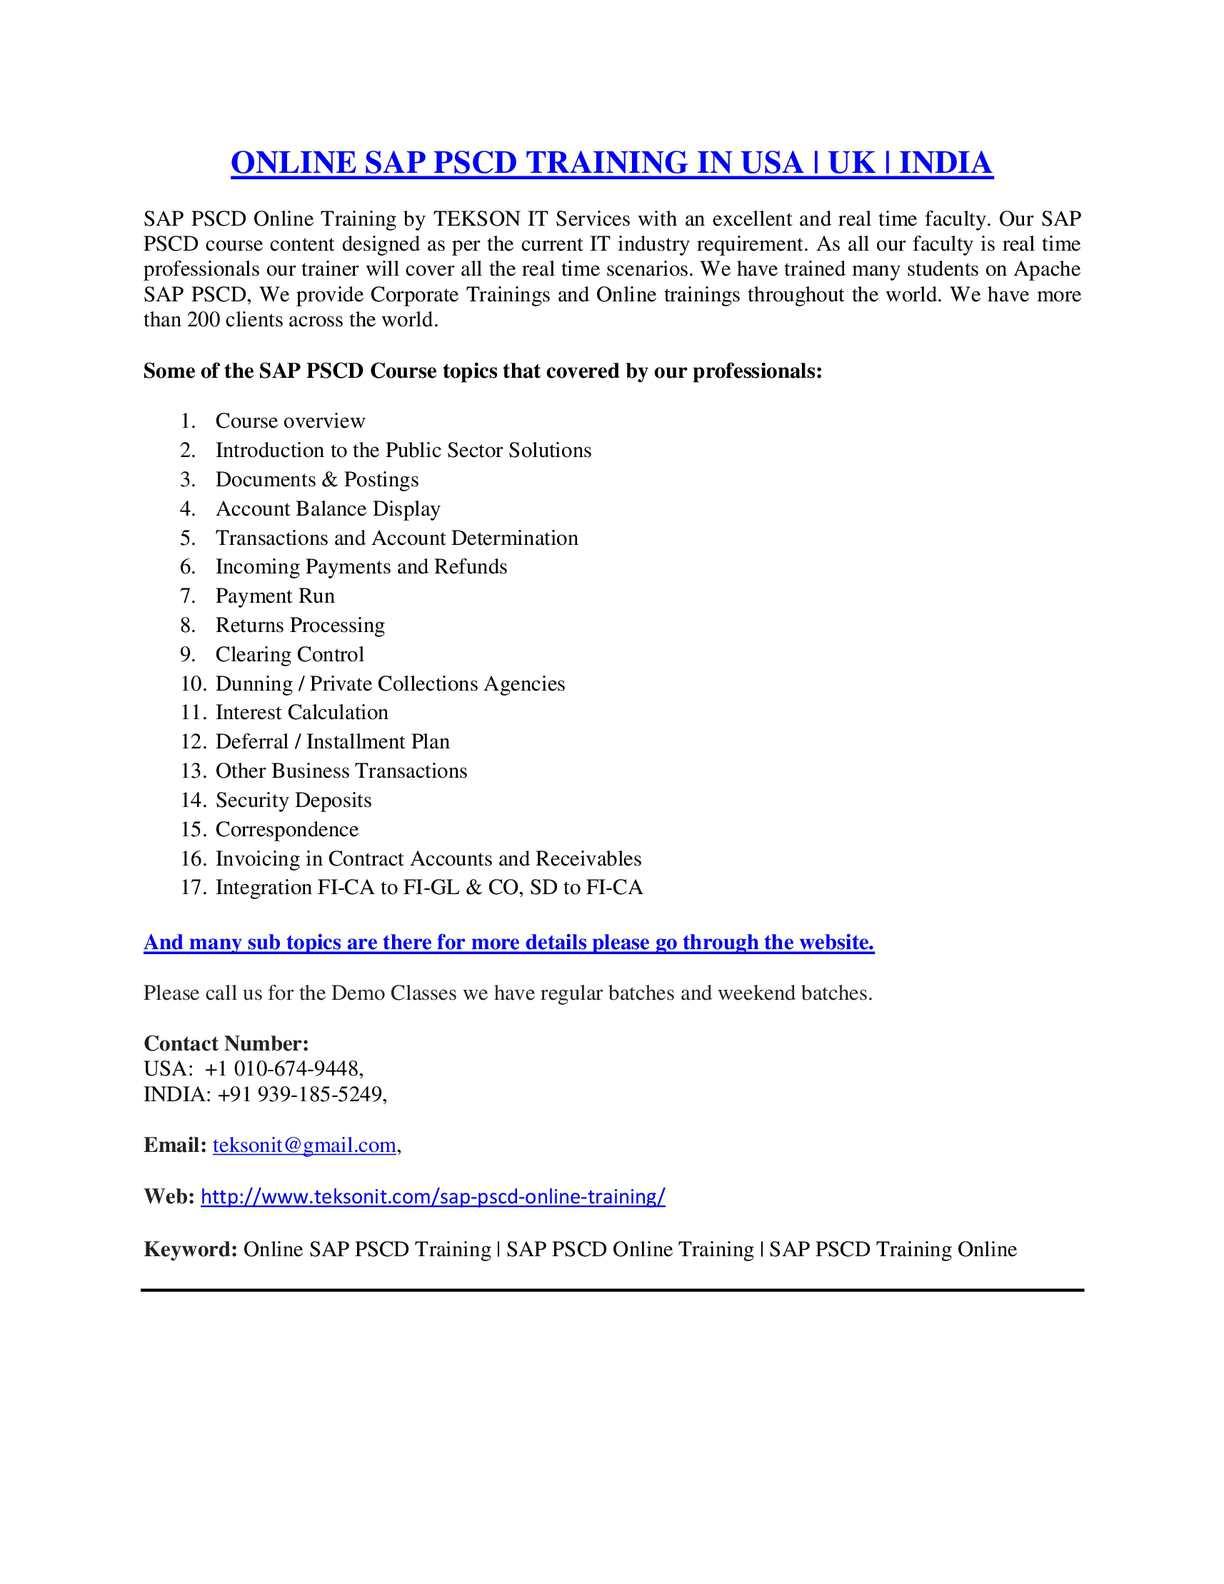 Calaméo - Online SAP PSCD Training   SAP PSCD Online